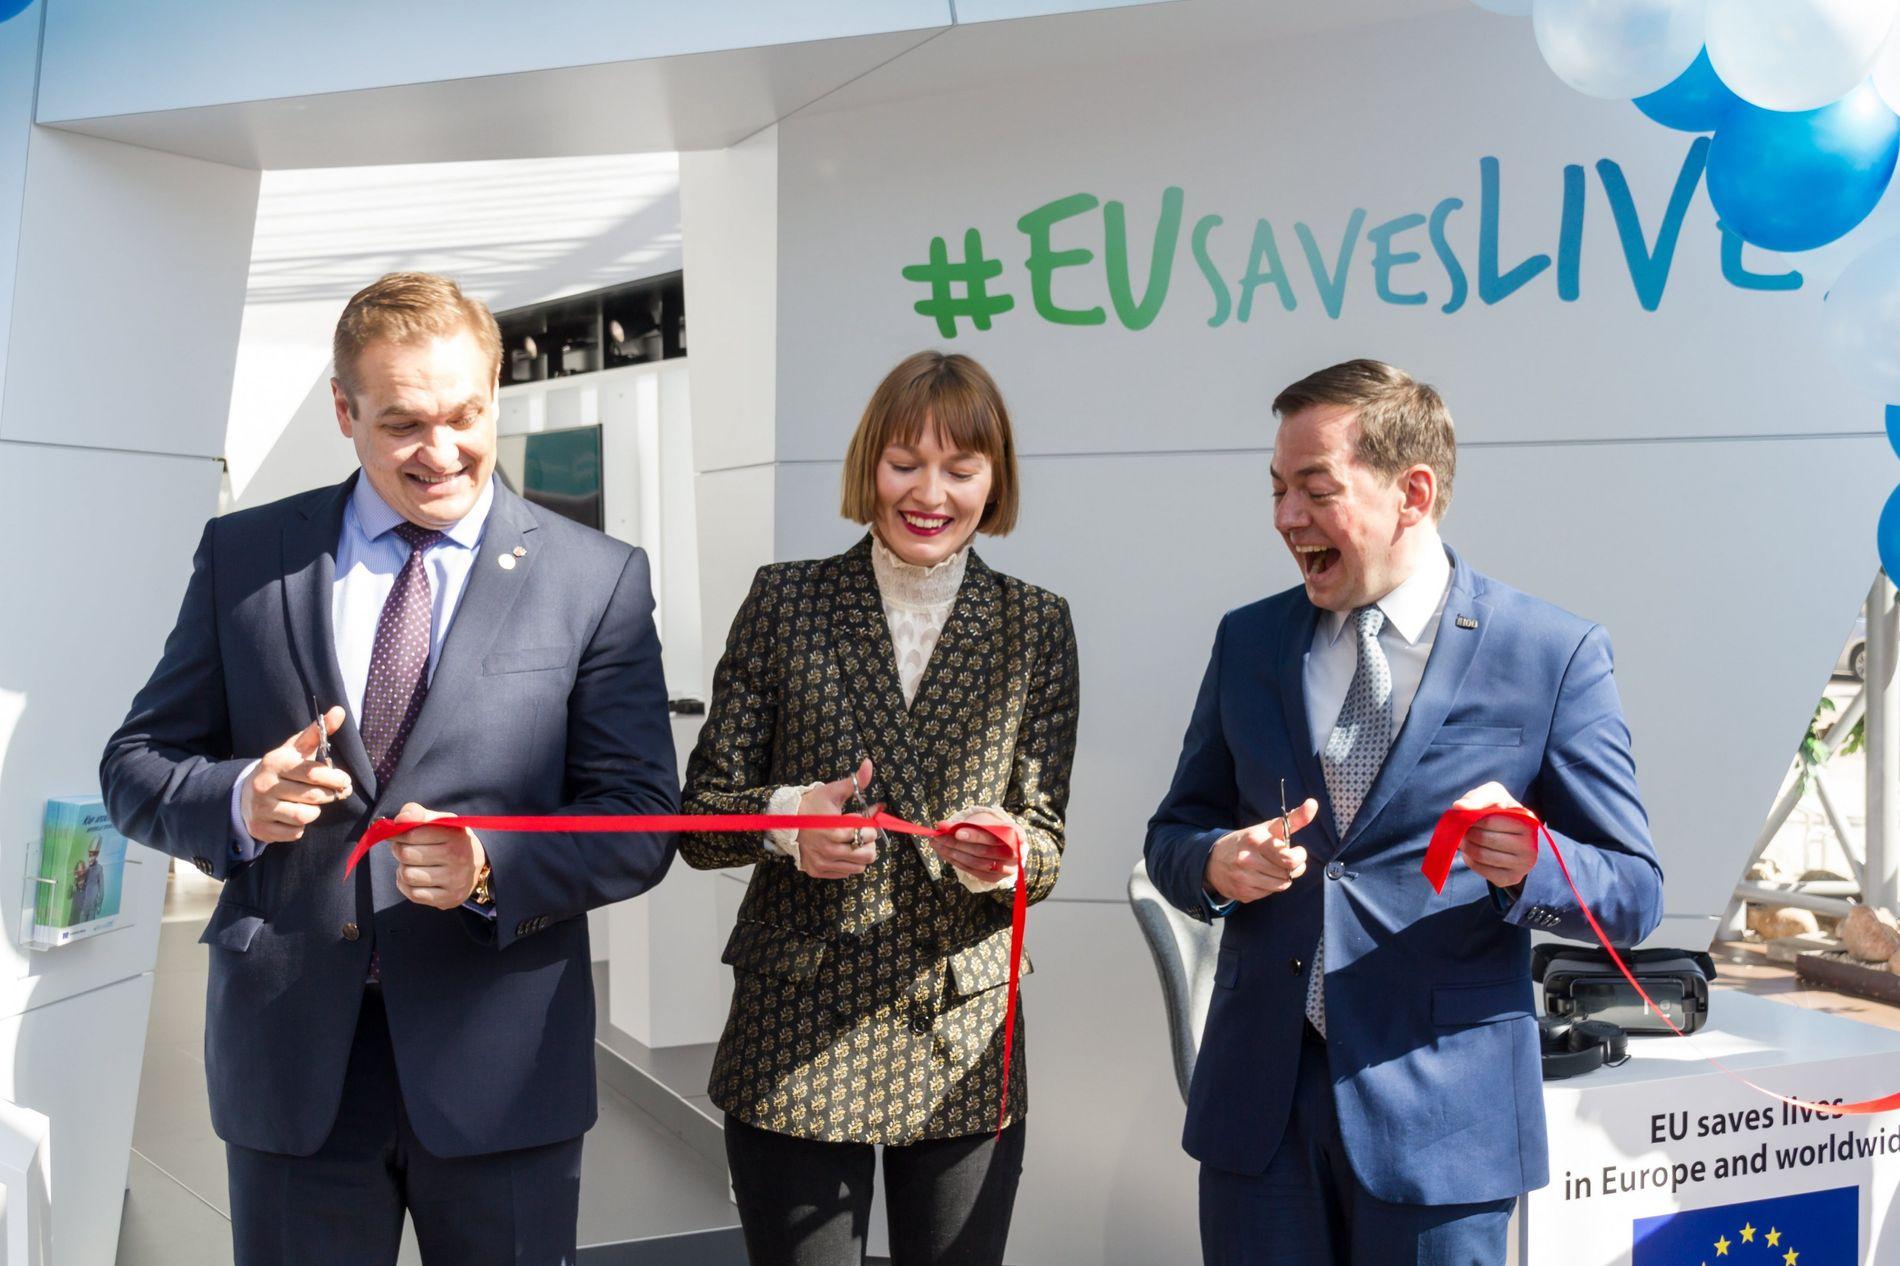 V.l.n.r.: Eimutis Misiūnas (Innenminister Litauens), Beata Tiškevič (Radiomoderatorin & Autorin) und Arnoldas Pranchevicius (Leiter der Vertretung ...